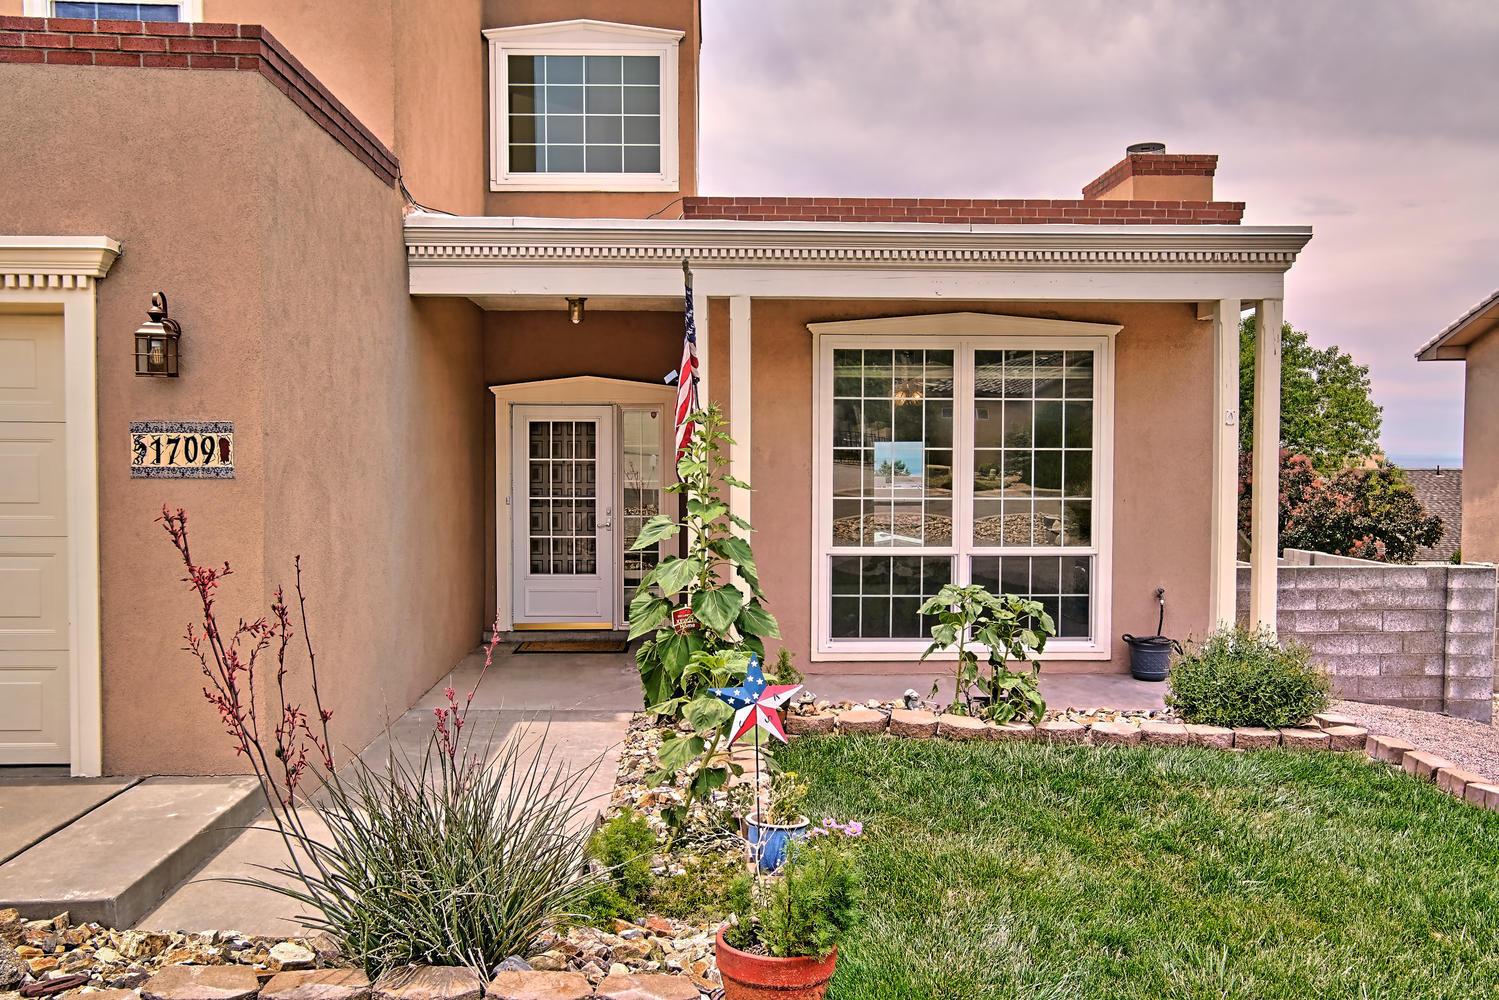 1709 ARCHULETA Drive NE Property Photo - Albuquerque, NM real estate listing